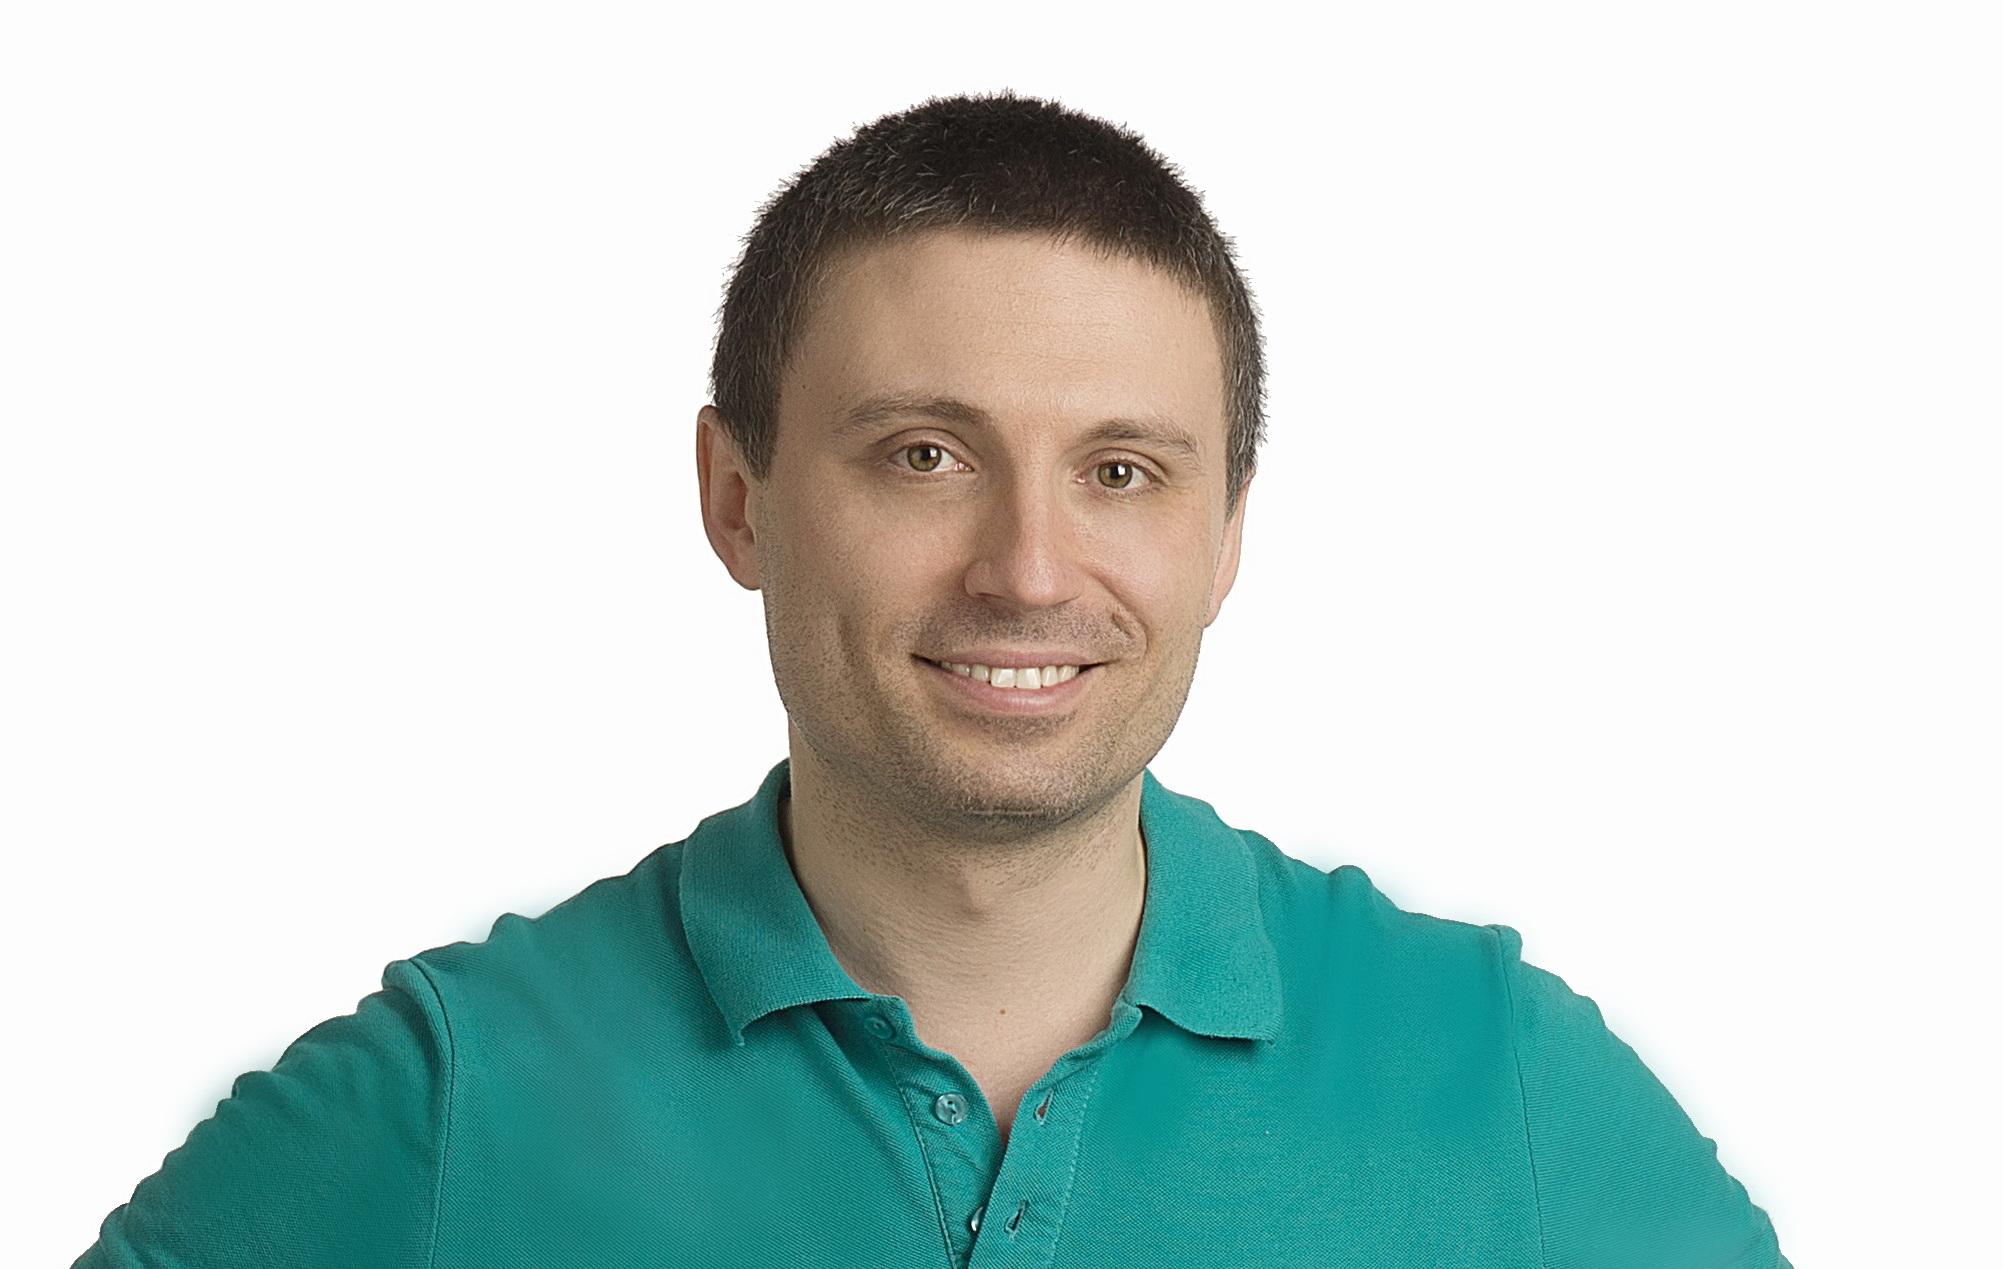 Главврач клиники «Раддент» В.И. Радиевский: «Имплантат будет стоять всю жизнь, если установлен правильно»